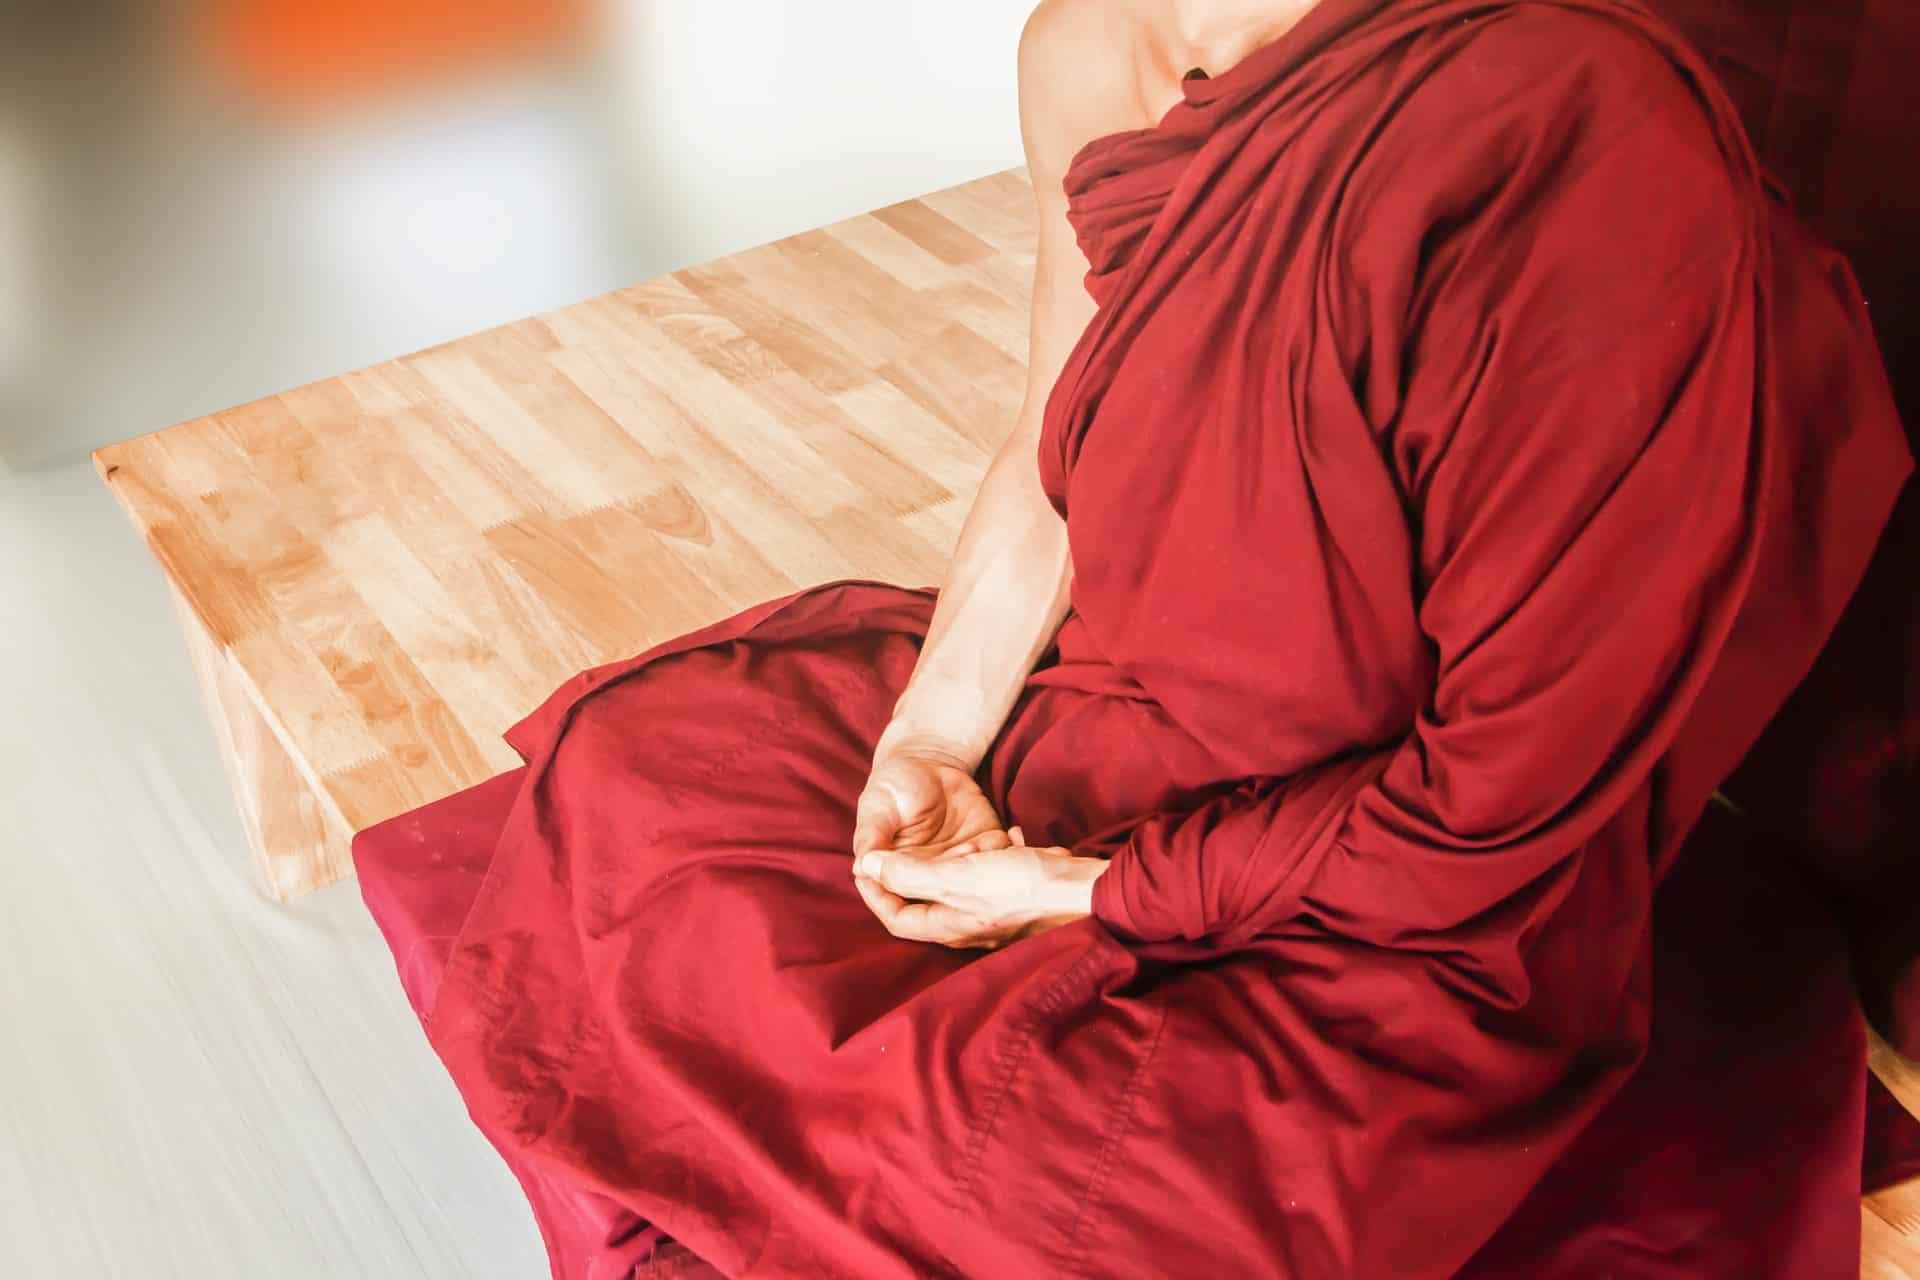 meditatie houding rood gewaad handen